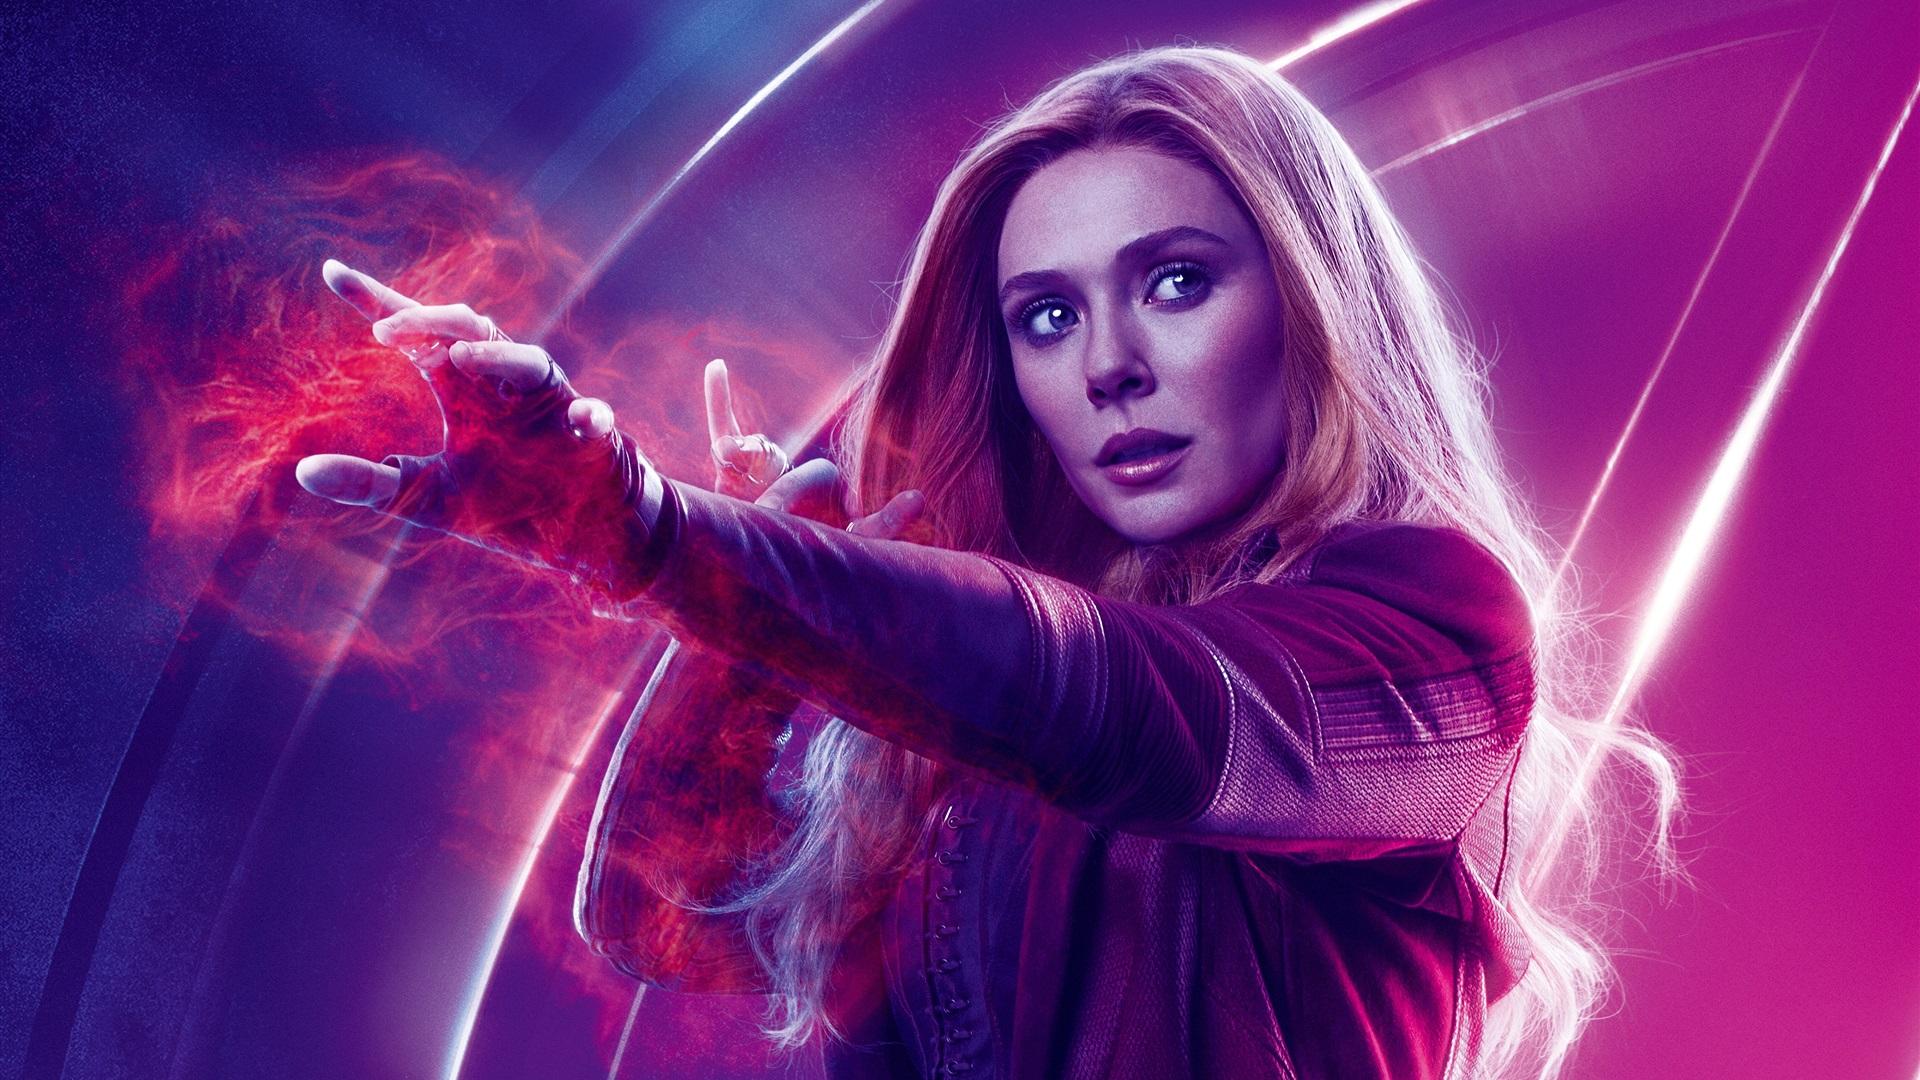 Marvel и Disney снимут сериалы про Локи и Алую Ведьму. Героев сыграют актеры из «Мстителей»